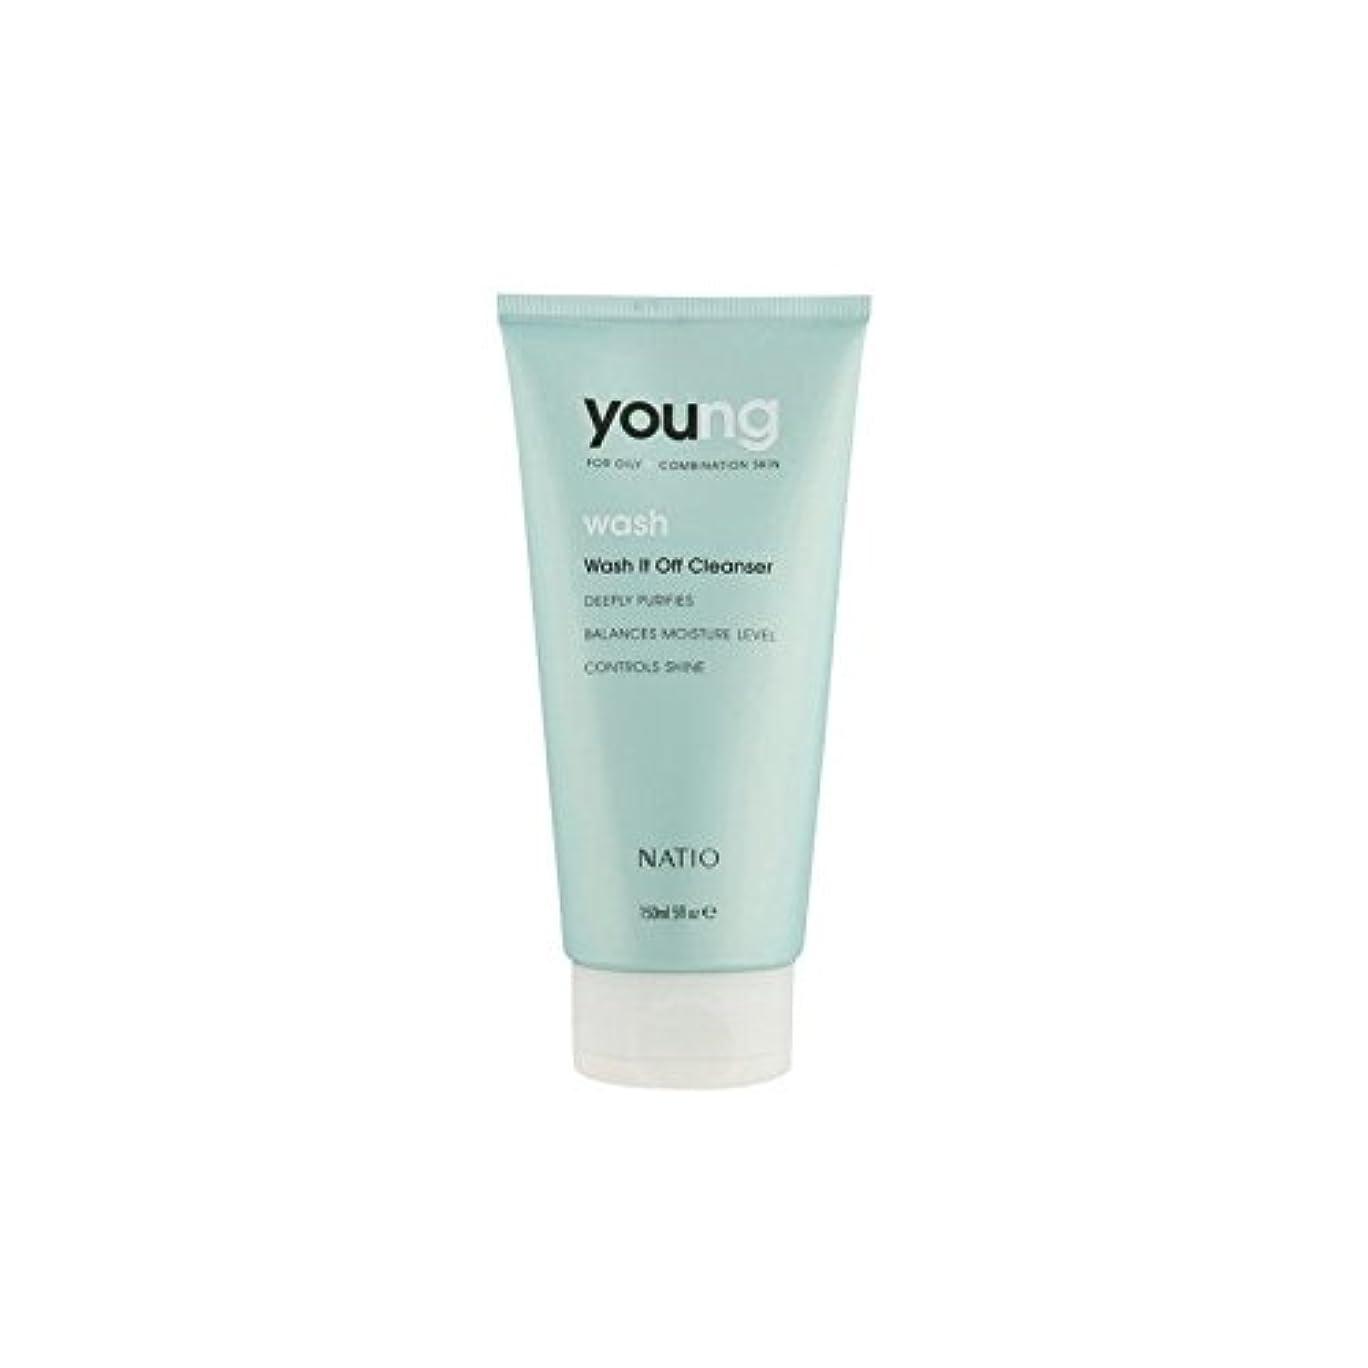 不安定な文献セクタNatio Young Wash It Off Cleanser (150ml) - 若いウォッシュそれオフクレンザー(150ミリリットル) [並行輸入品]